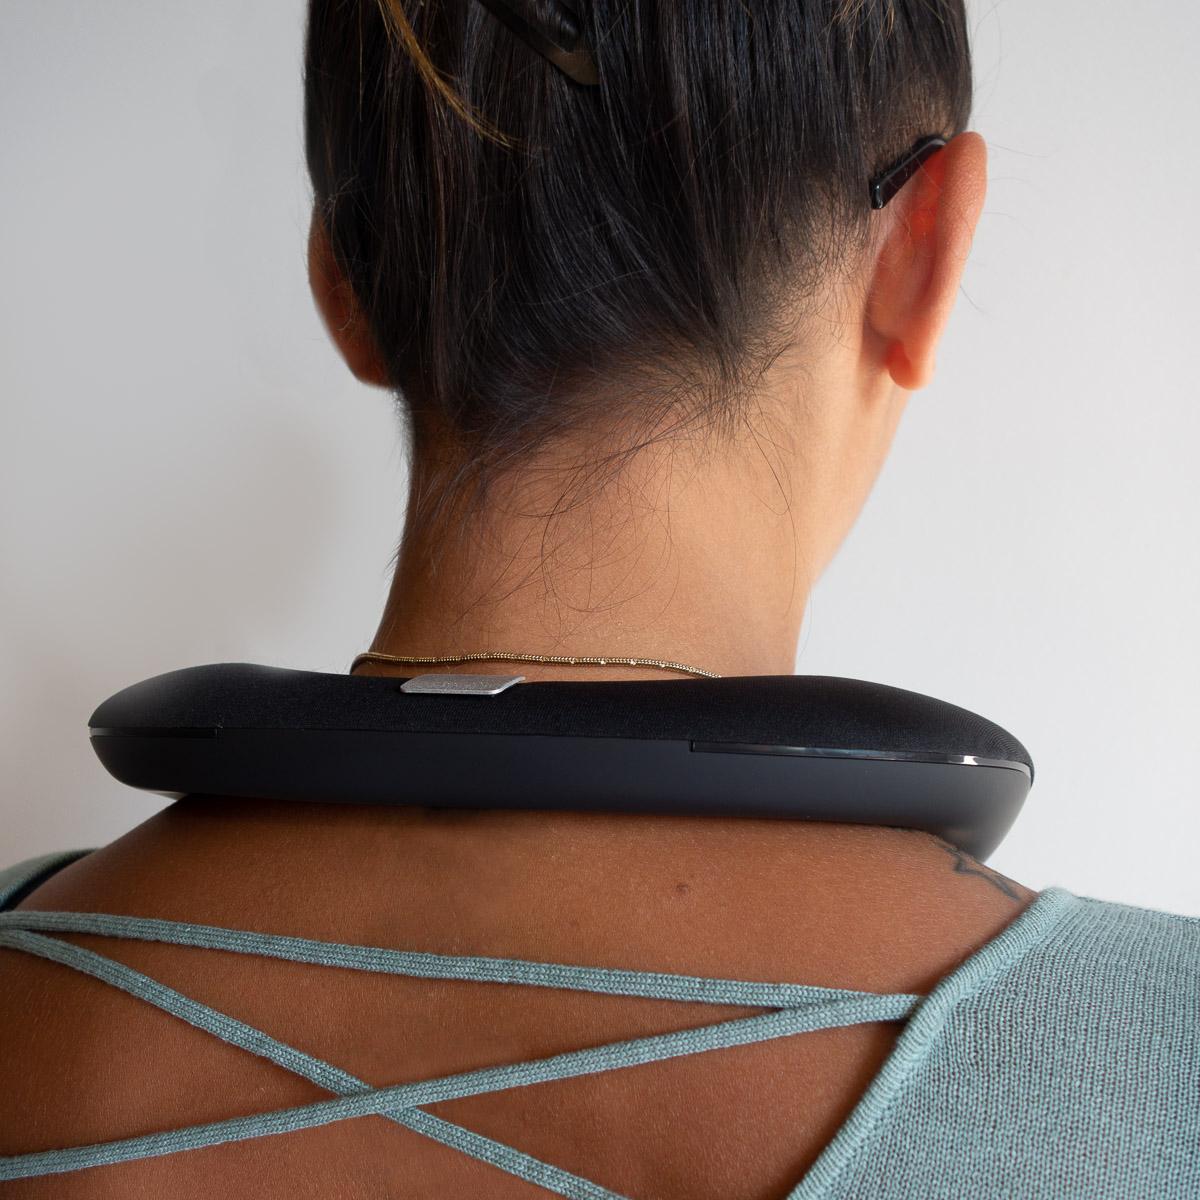 Audiowave nek luidspreker